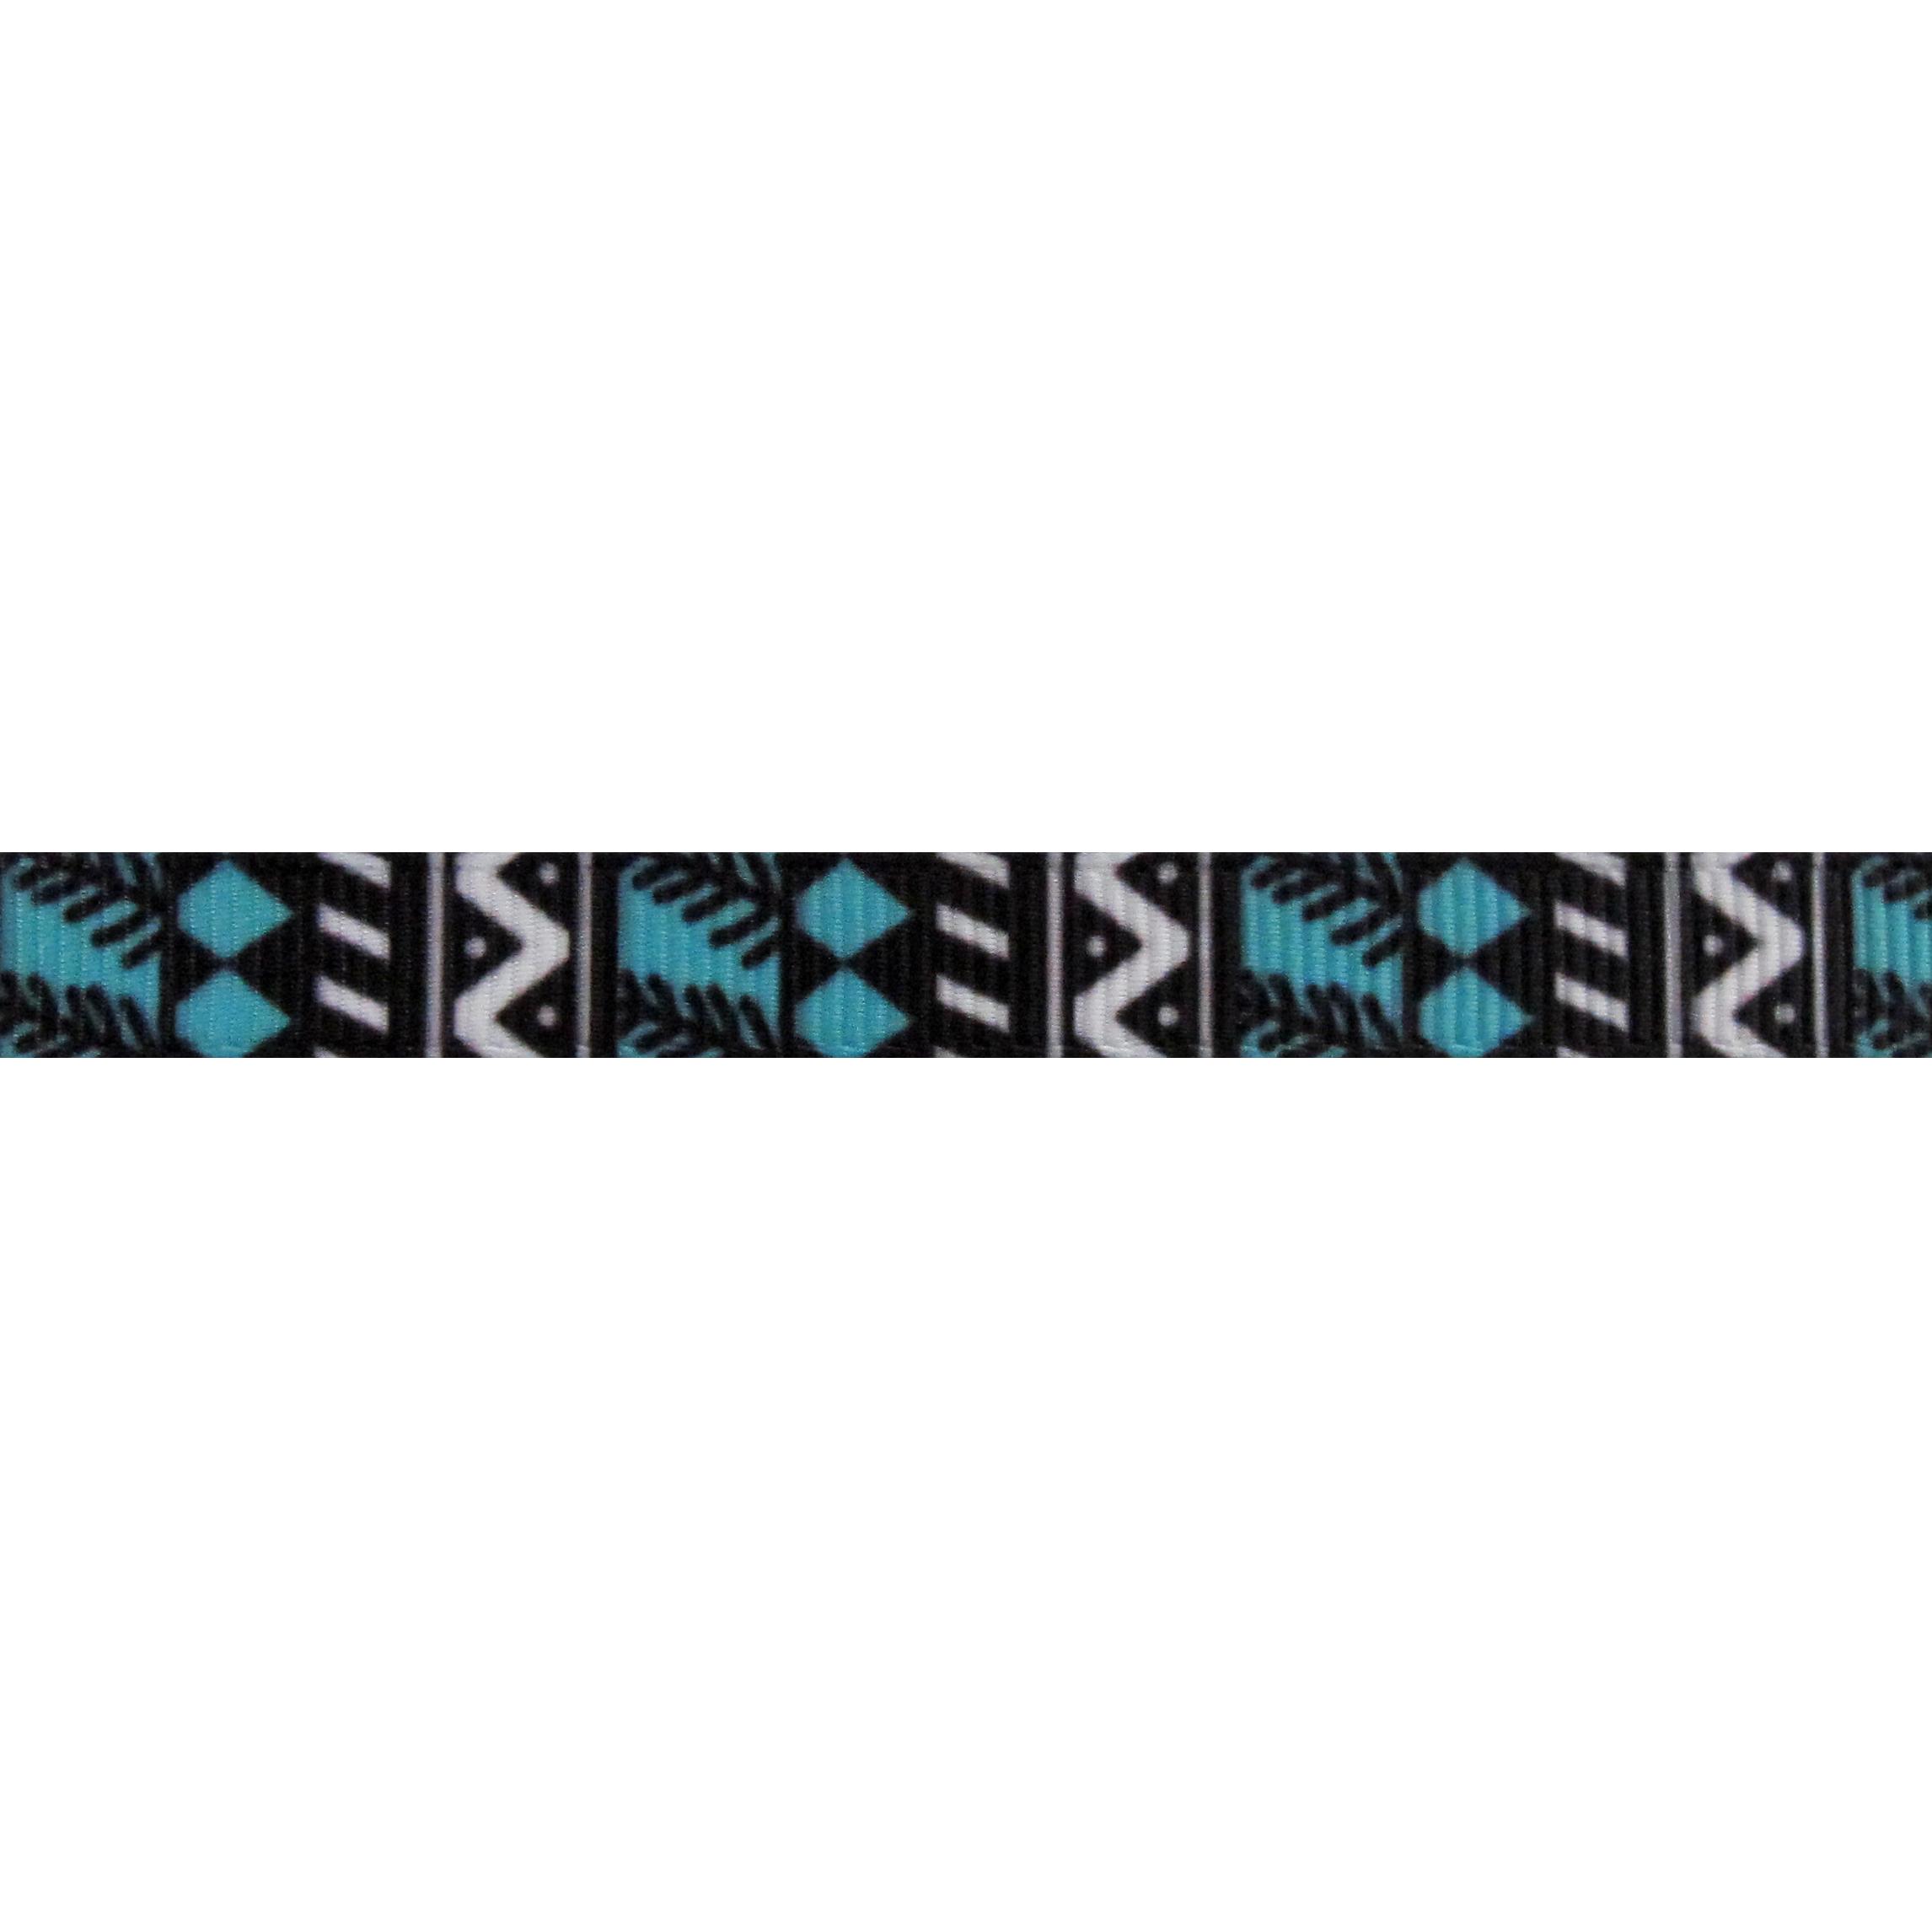 Ripsband Aufdruck 10mm - Azteken Tribal Motiv Schwarz Weiß Türkis